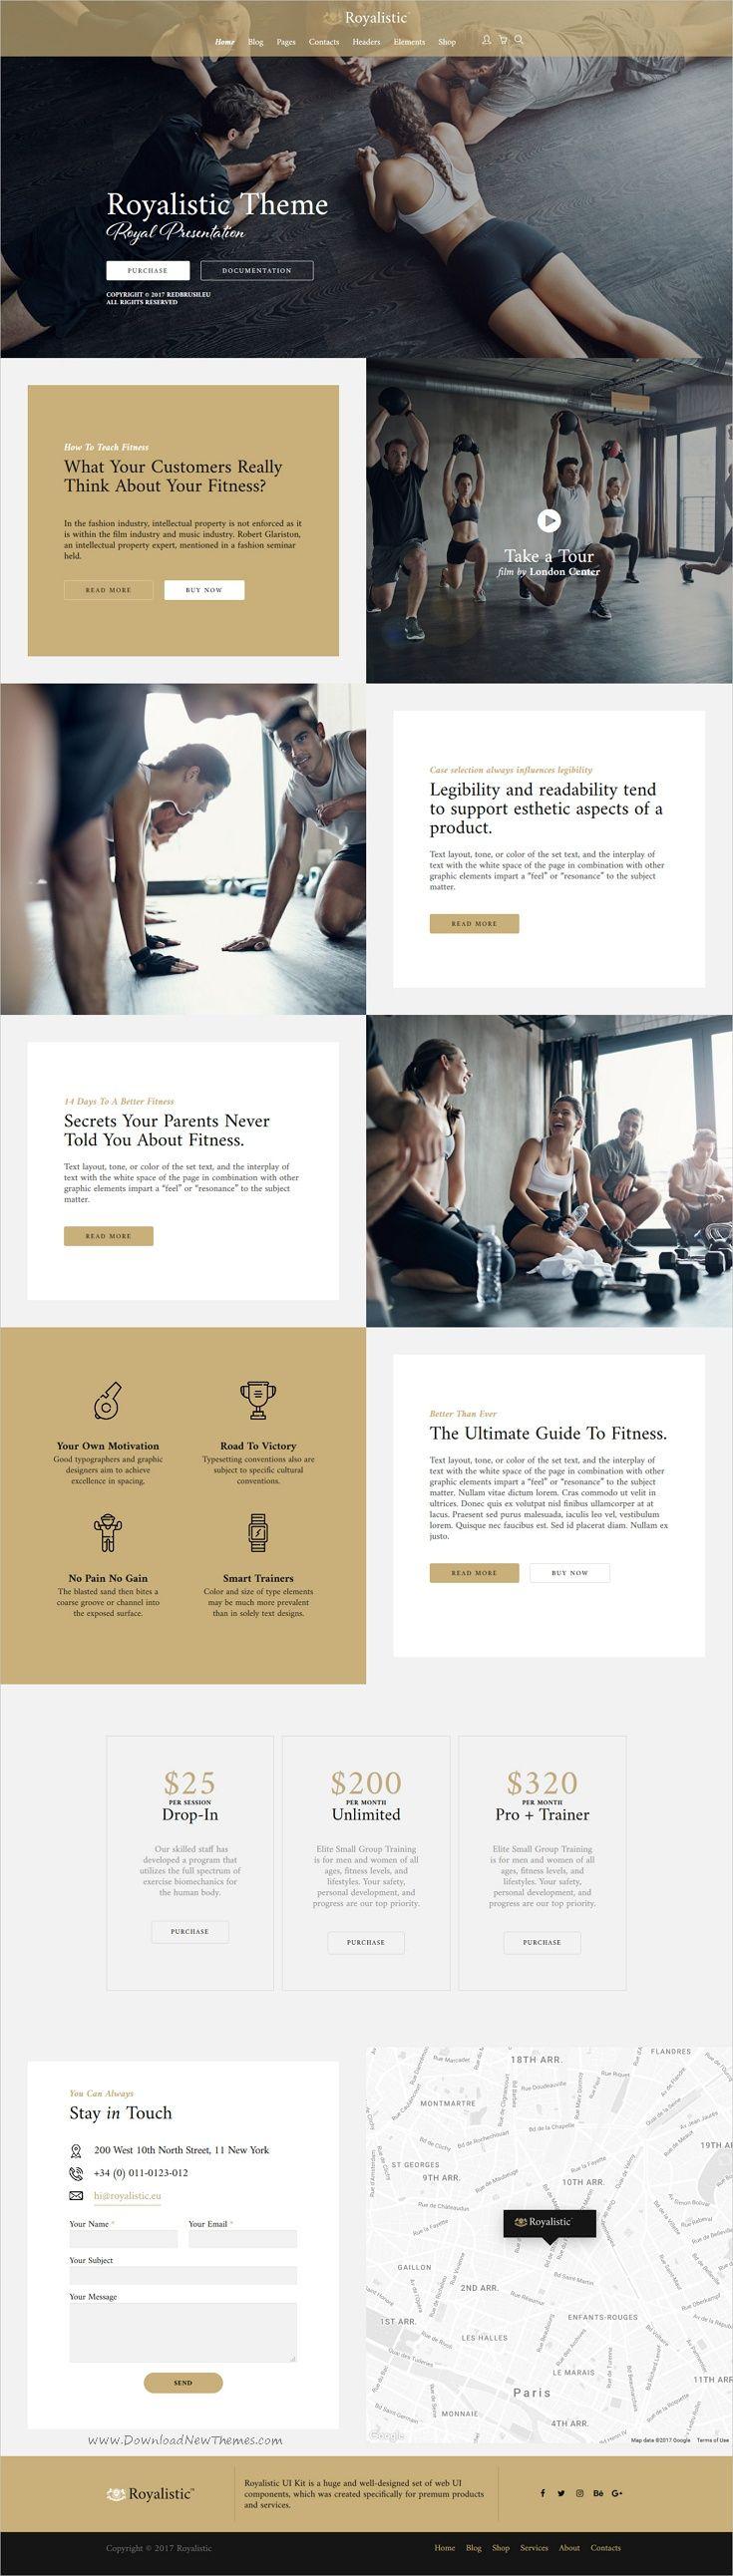 221 mejores imágenes sobre Websites & UI/UX en Pinterest